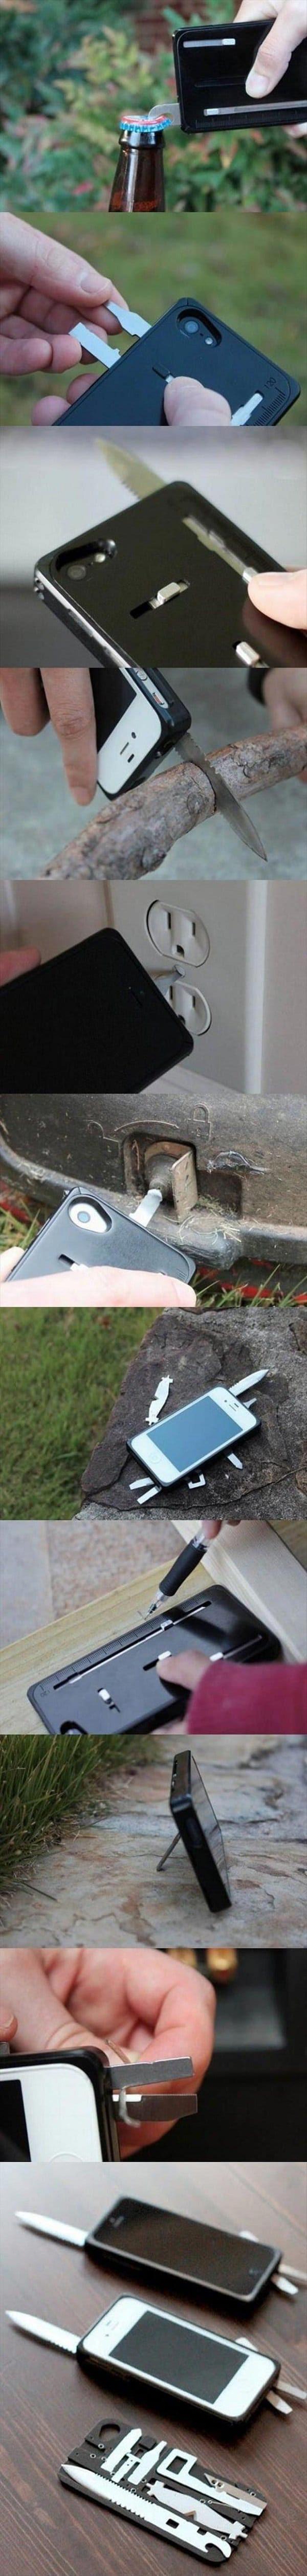 multi tool iphone 5 case